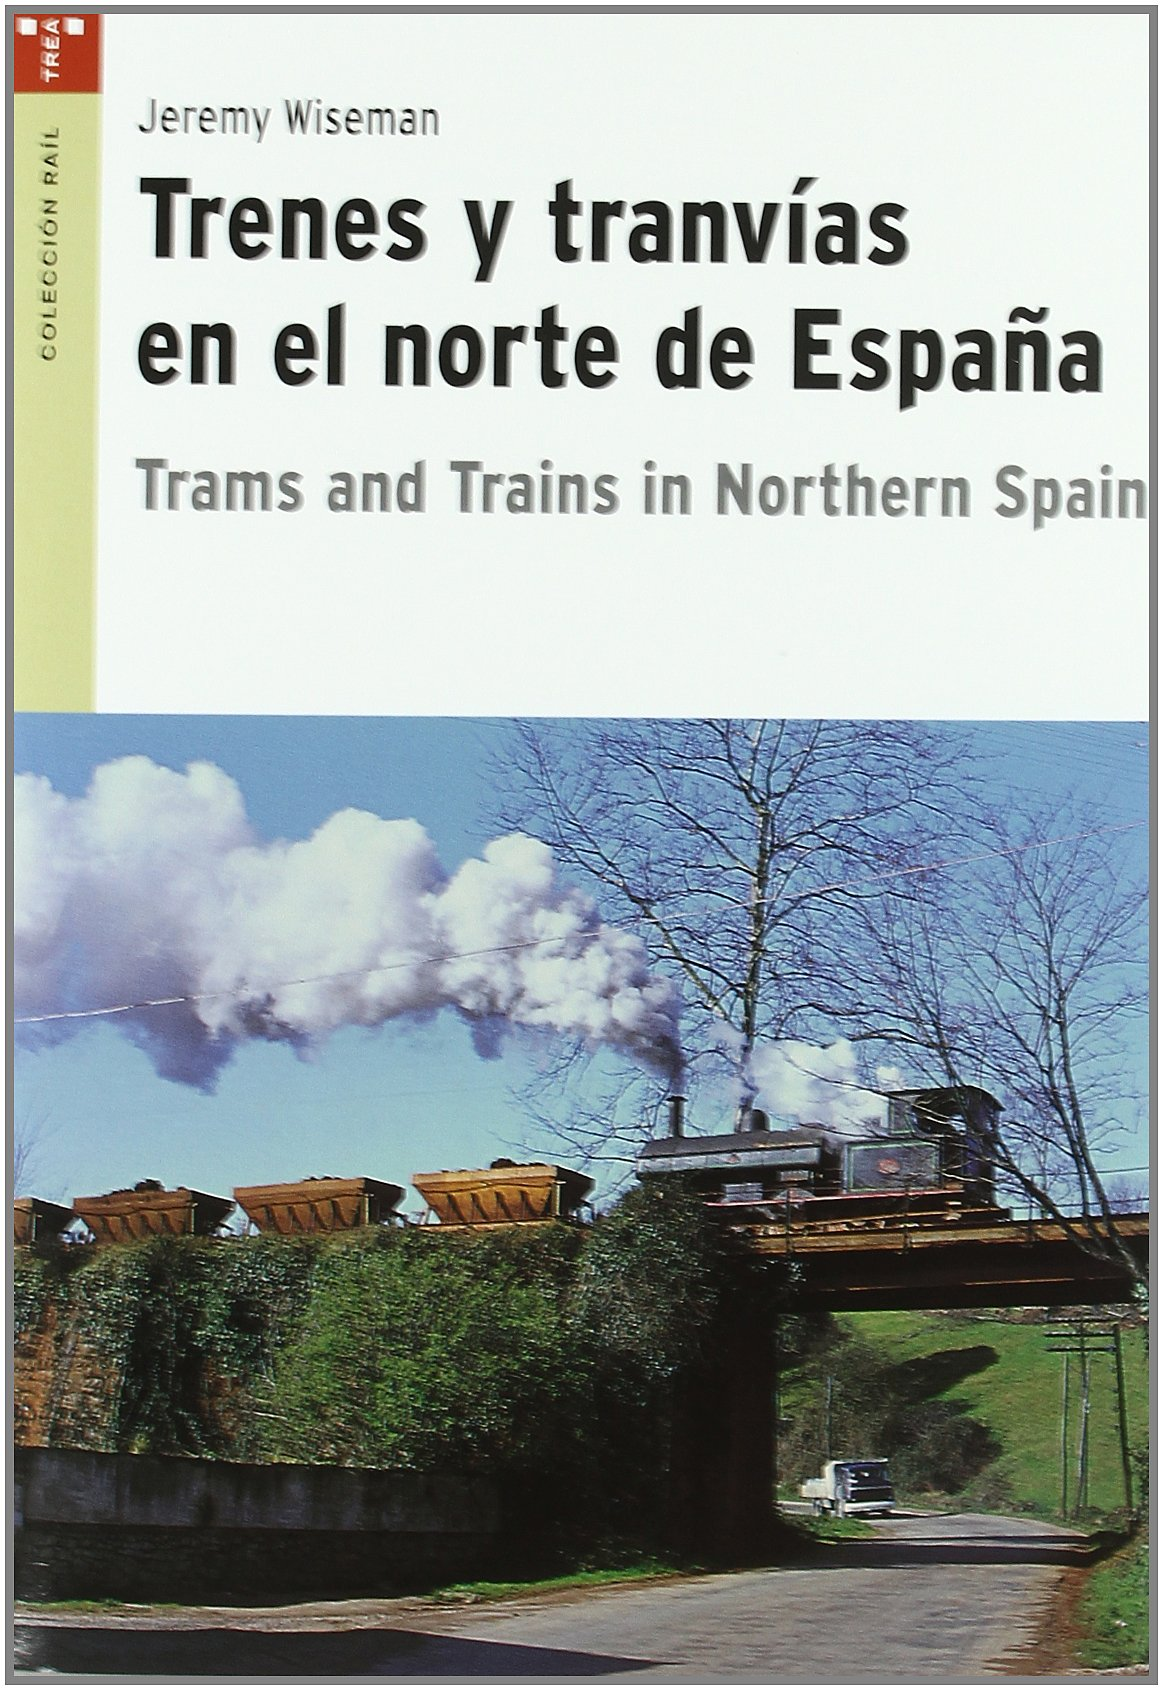 Trenes y tranvías en el norte de España. Trams and Trains in Northern Spain Rail trea: Amazon.es: Wiseman, Jeremy: Libros